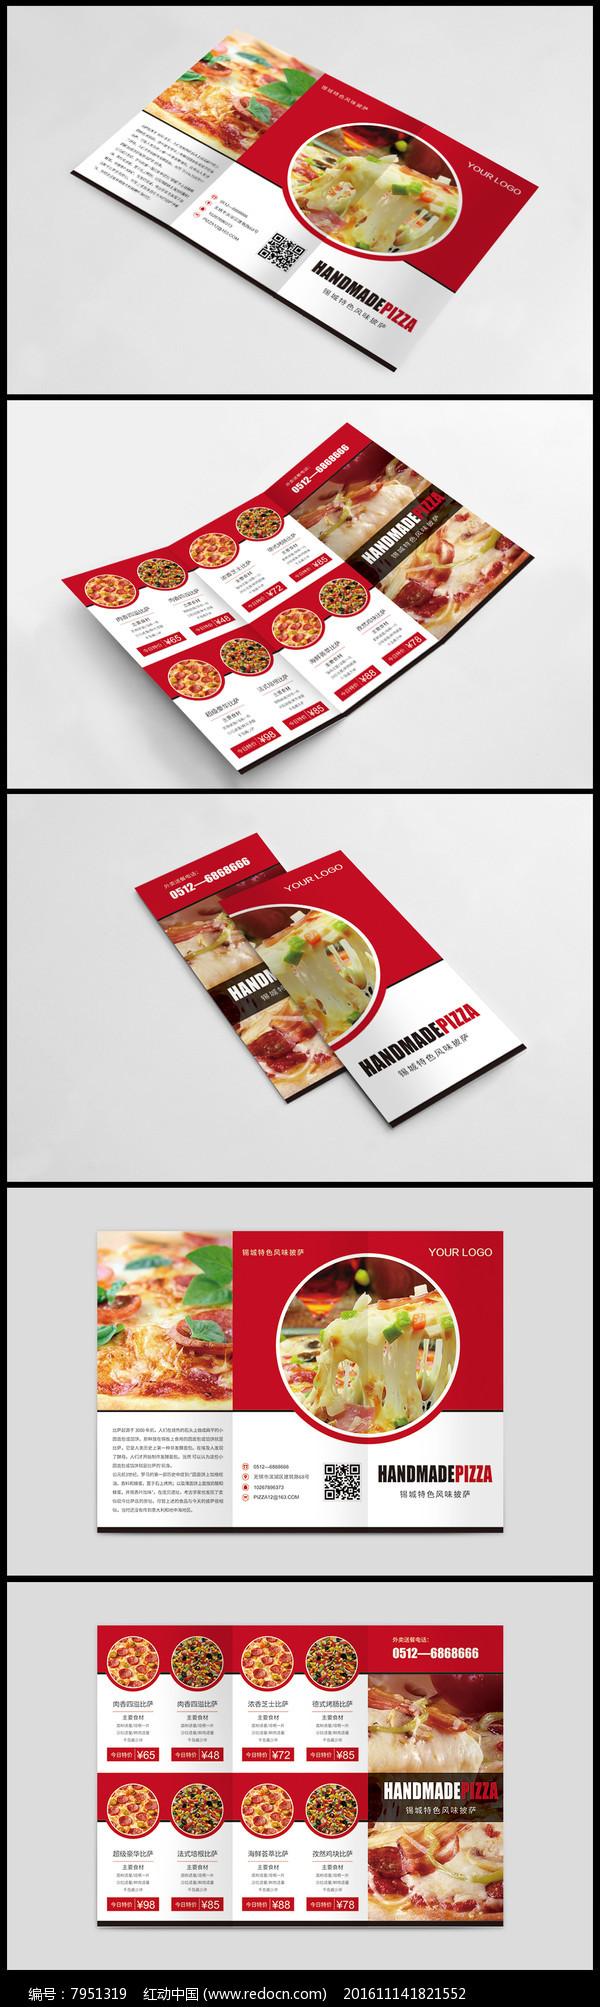 西餐厅披萨菜单通用三折页宣传单设计模板图片